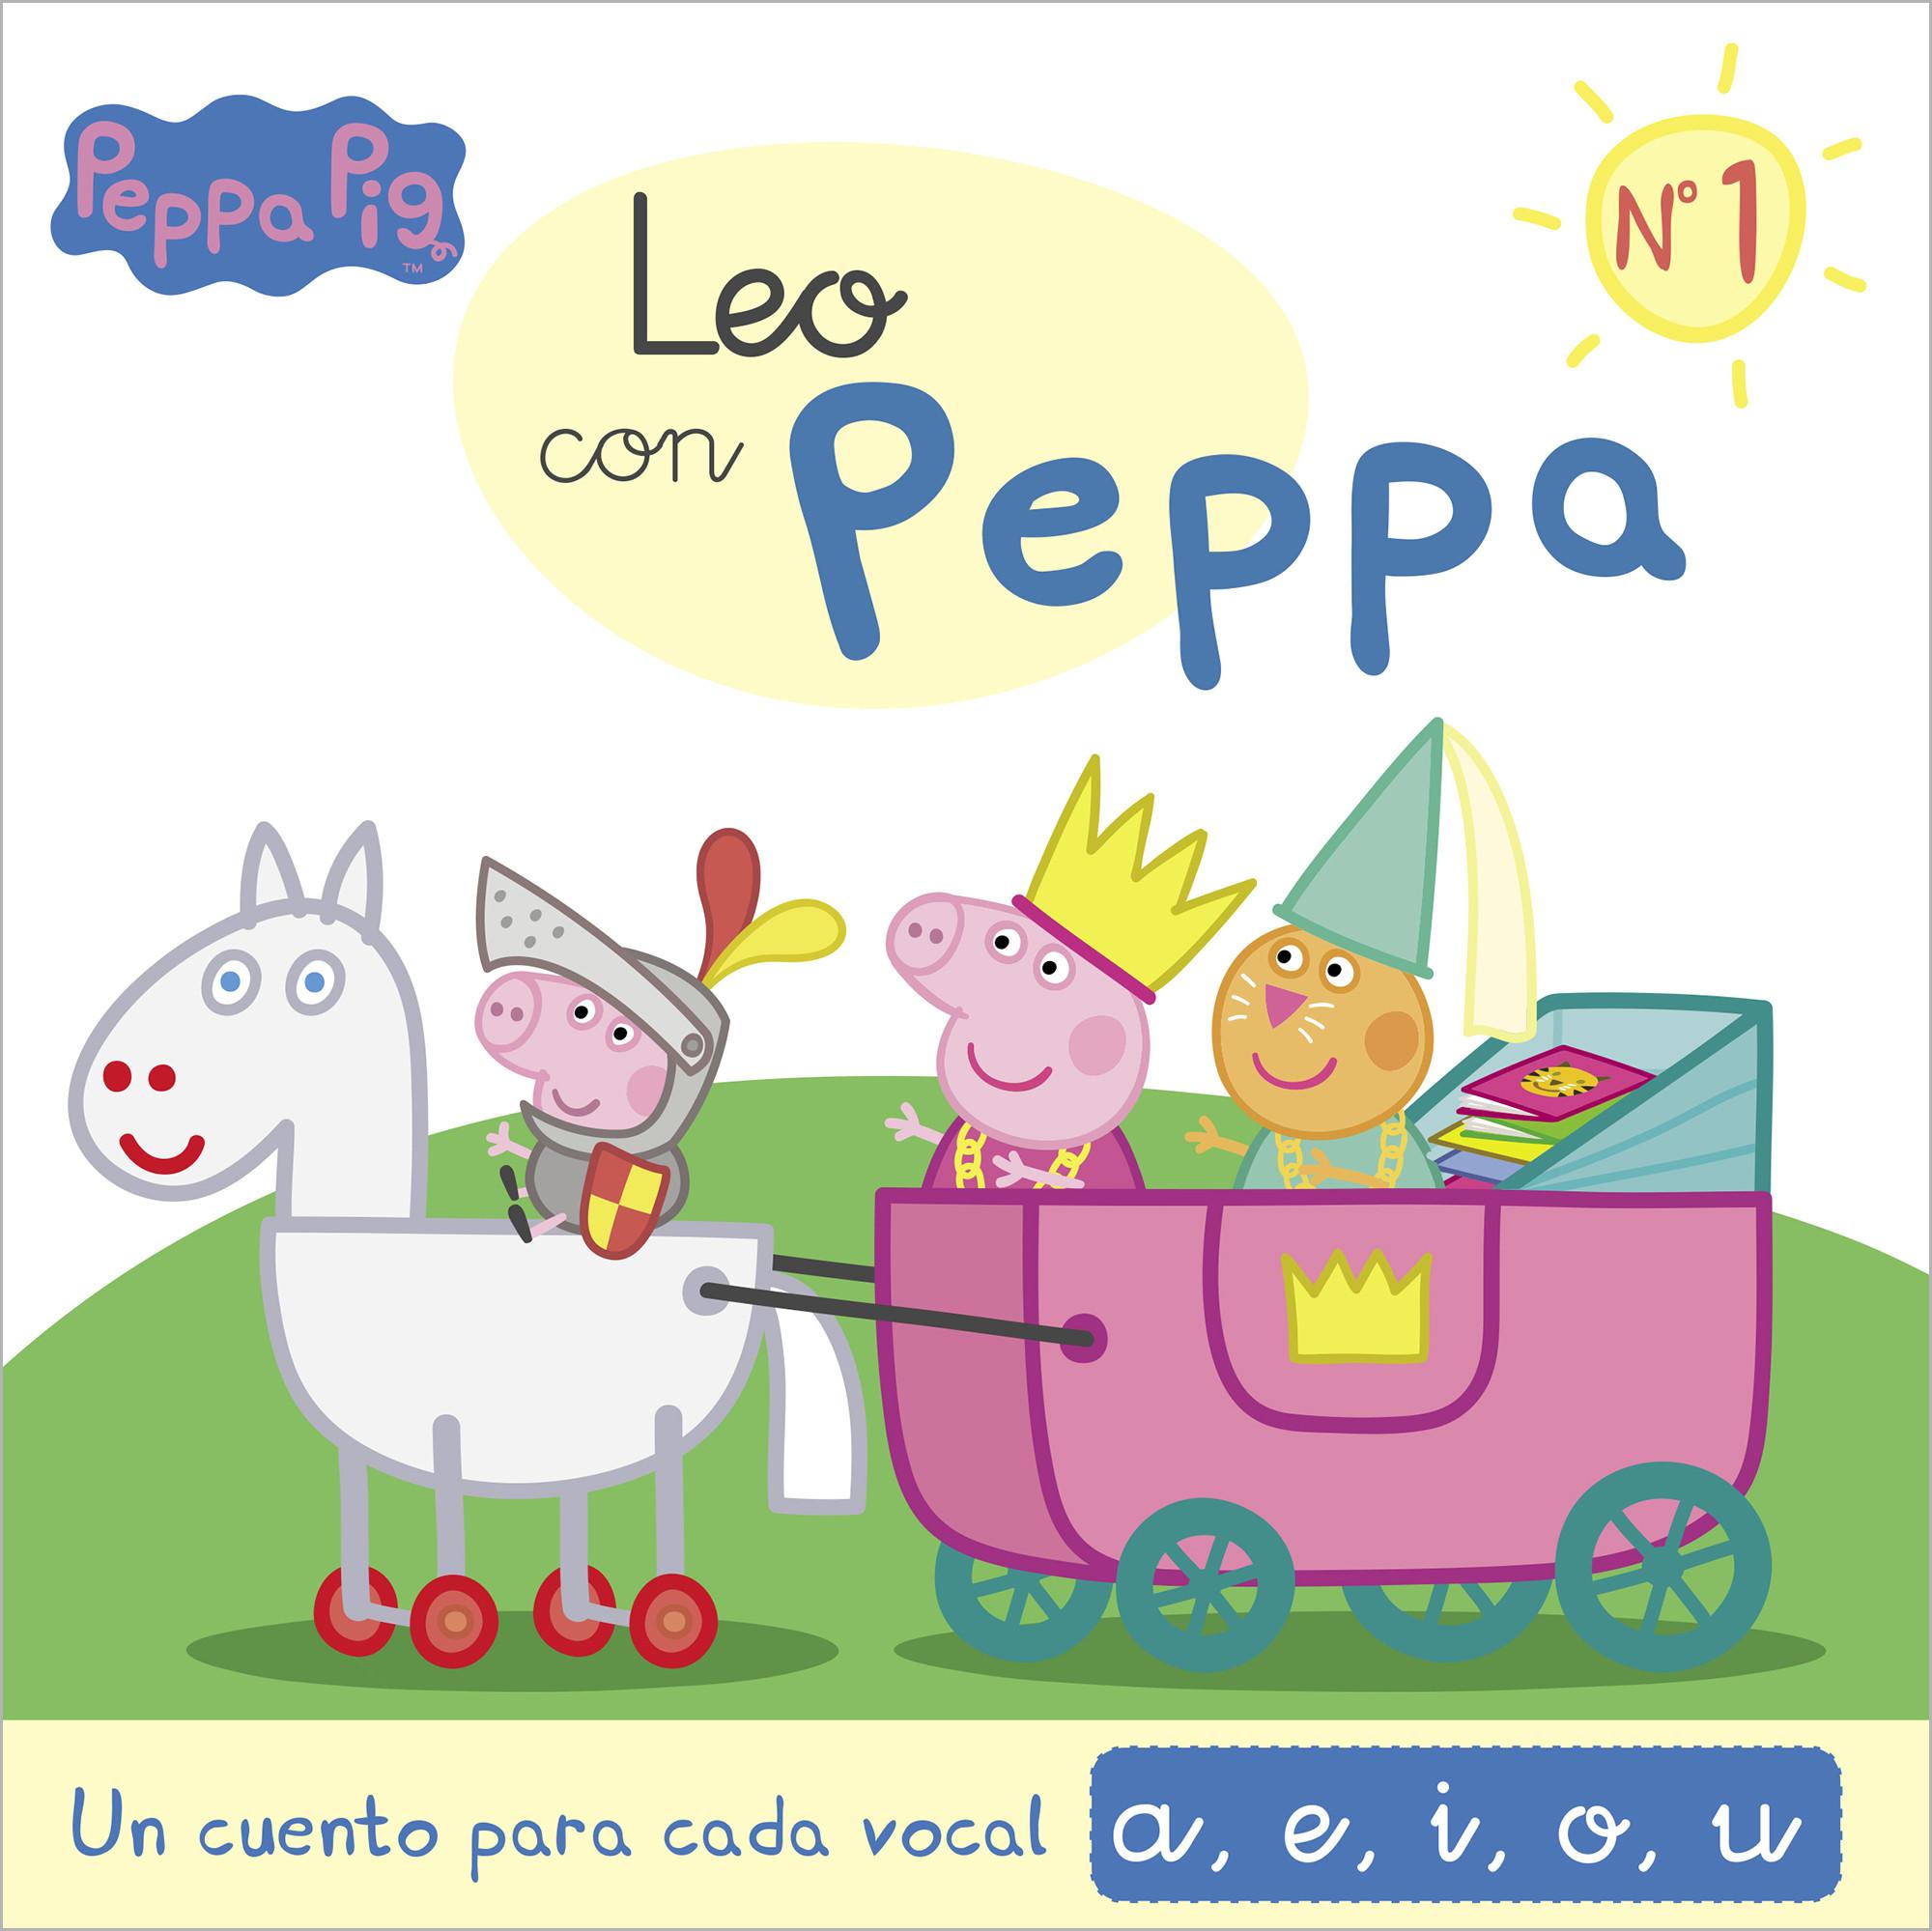 Un cuento para cada vocal: a, e, i, o, u (Leo con Peppa Pig 1)